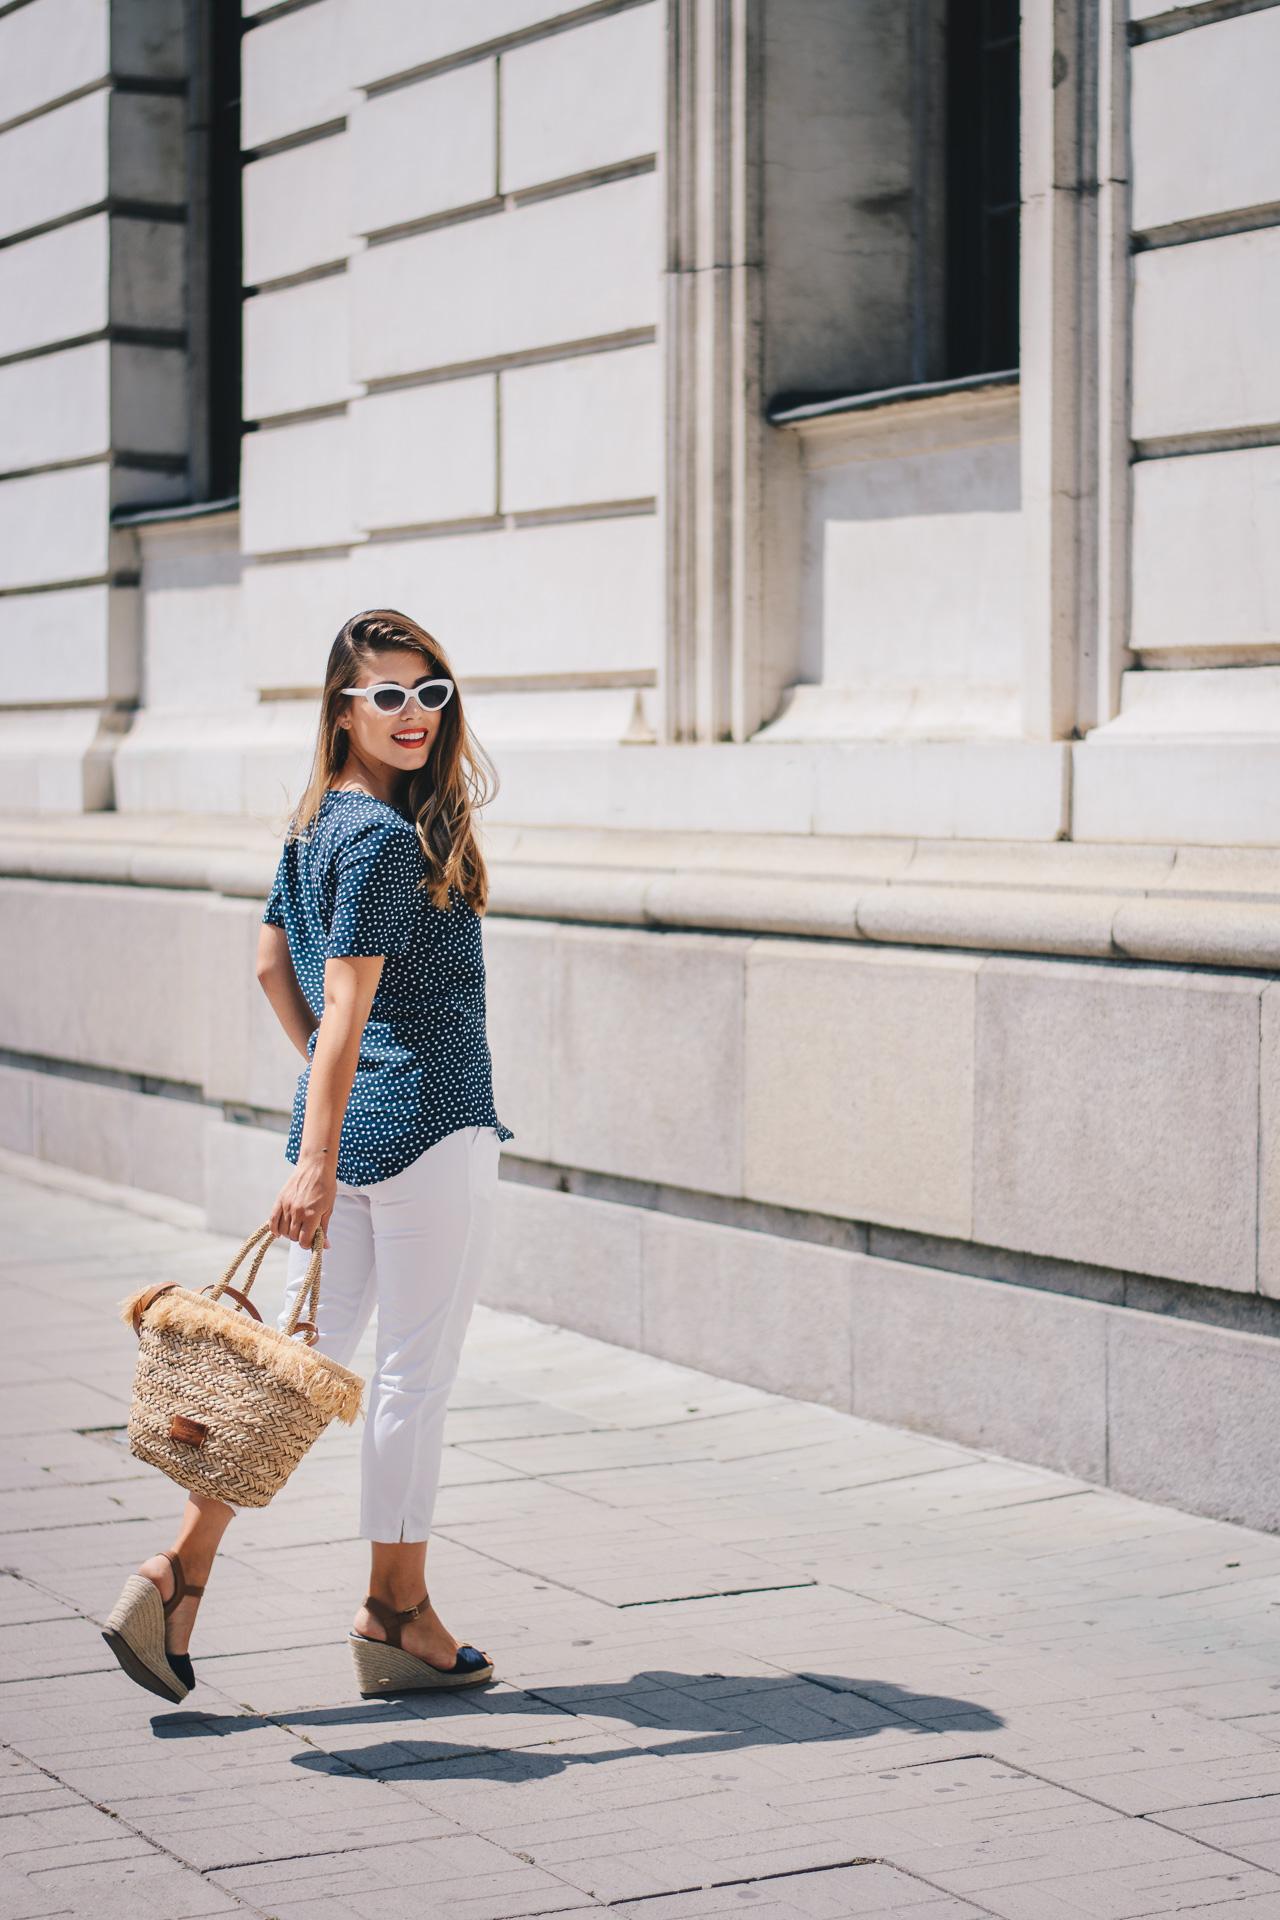 Polka dot shirt fashion blog